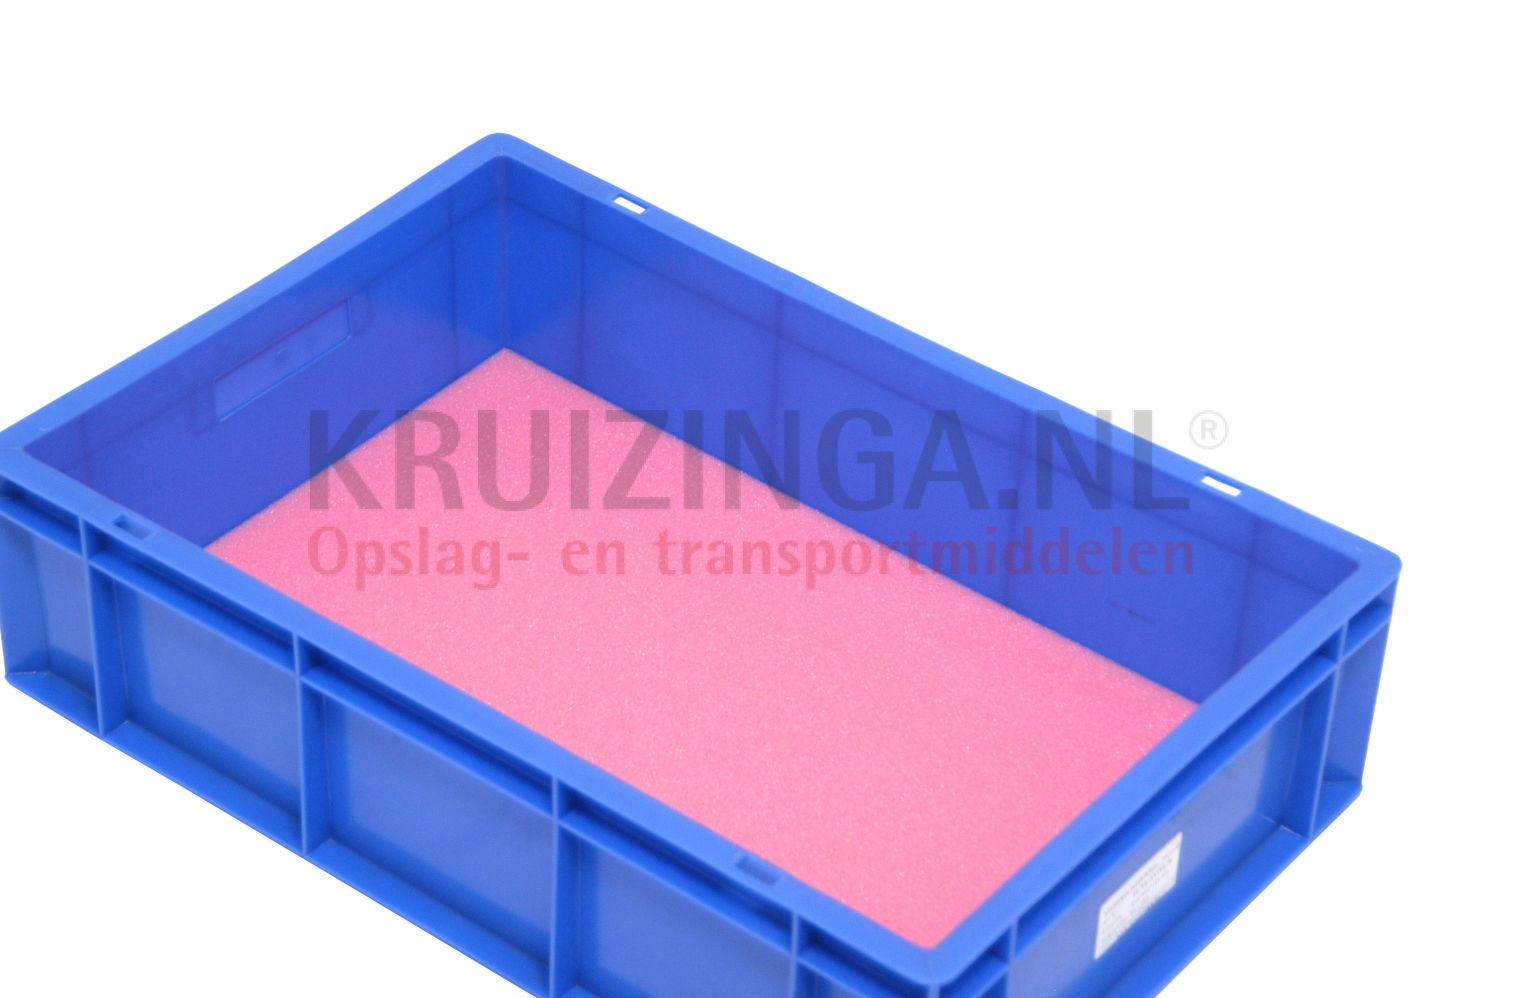 bac de rangement plastique accessoires plaque de mousse antistatique rose partir de 2 61. Black Bedroom Furniture Sets. Home Design Ideas